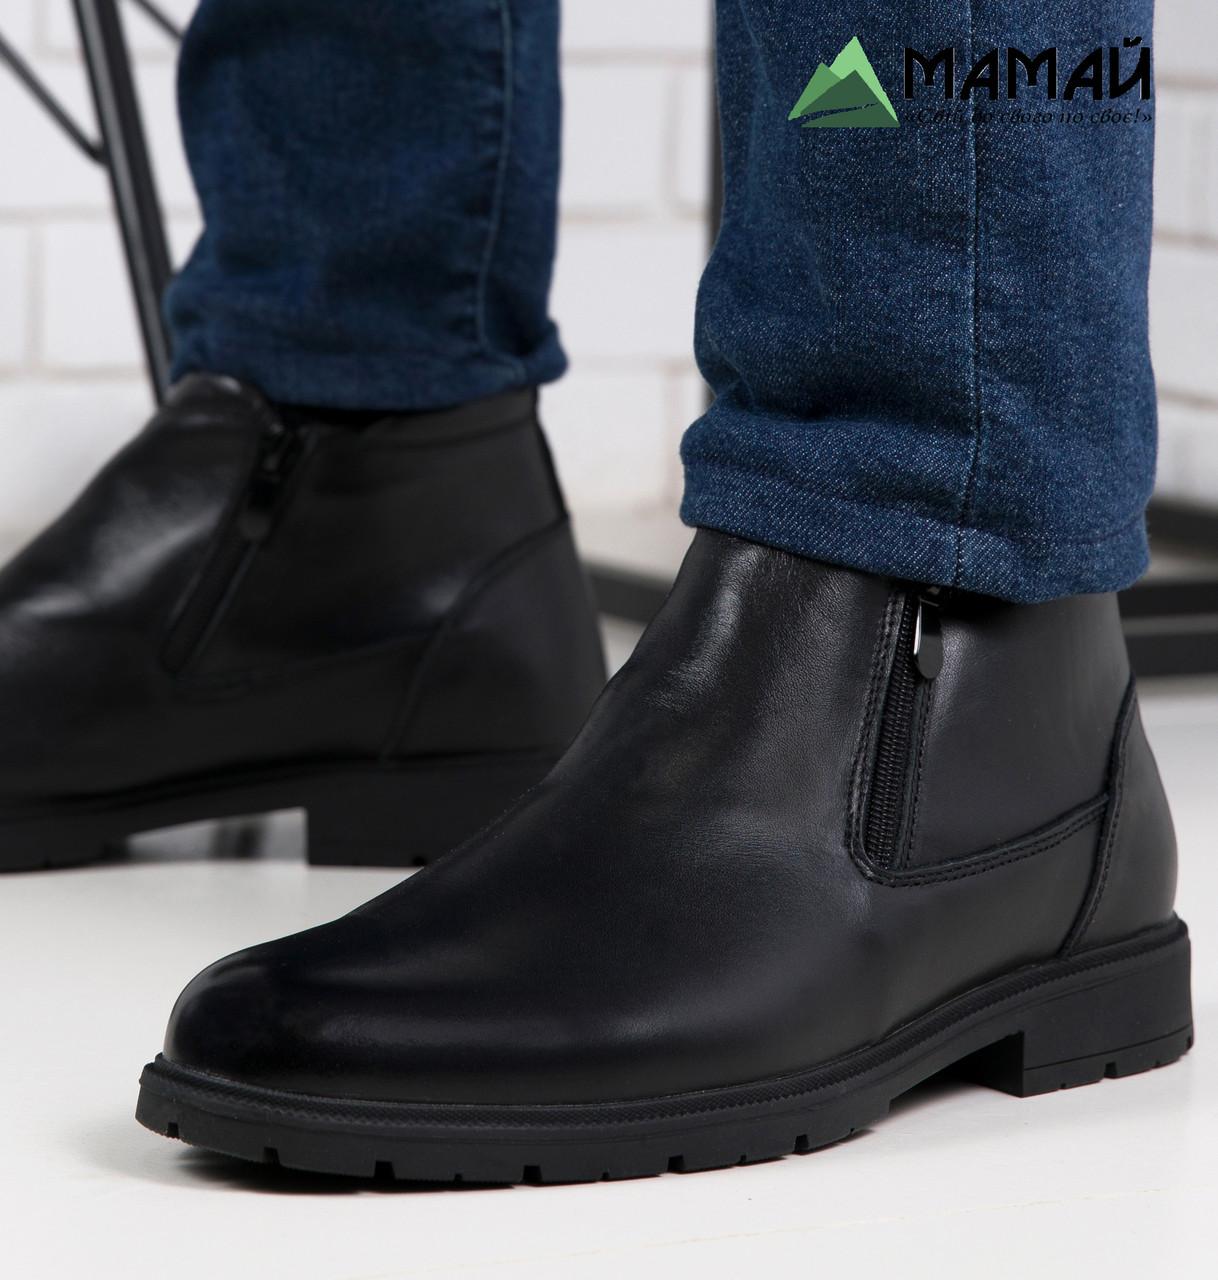 Ботинки мужские из натуральной кожи на замок 40,45р